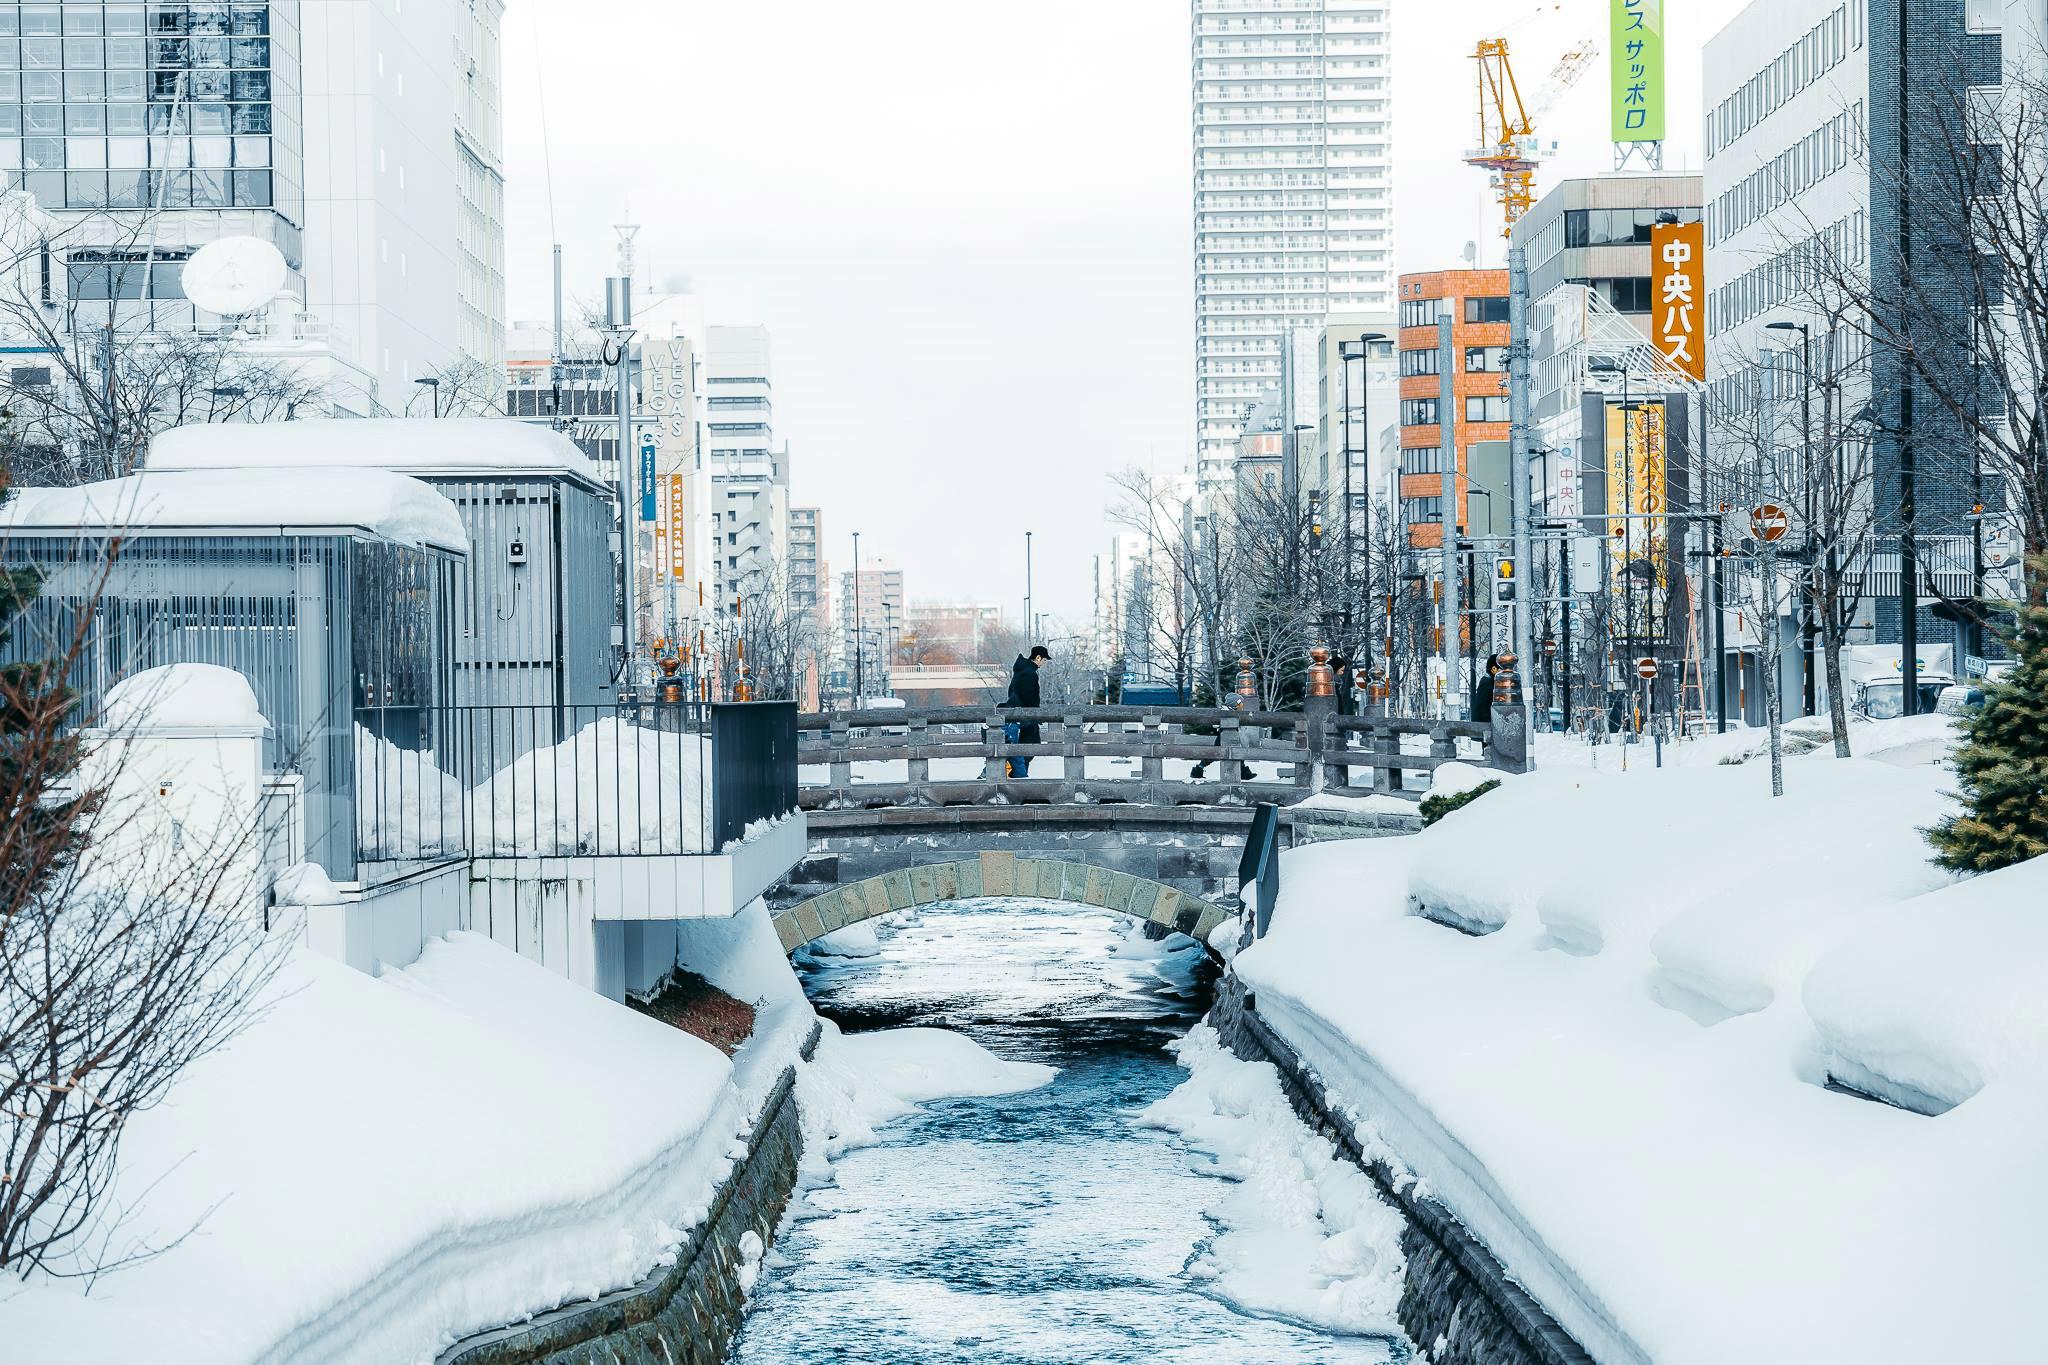 Hình ảnh tuyết rơi trên con kênh trong thành phố